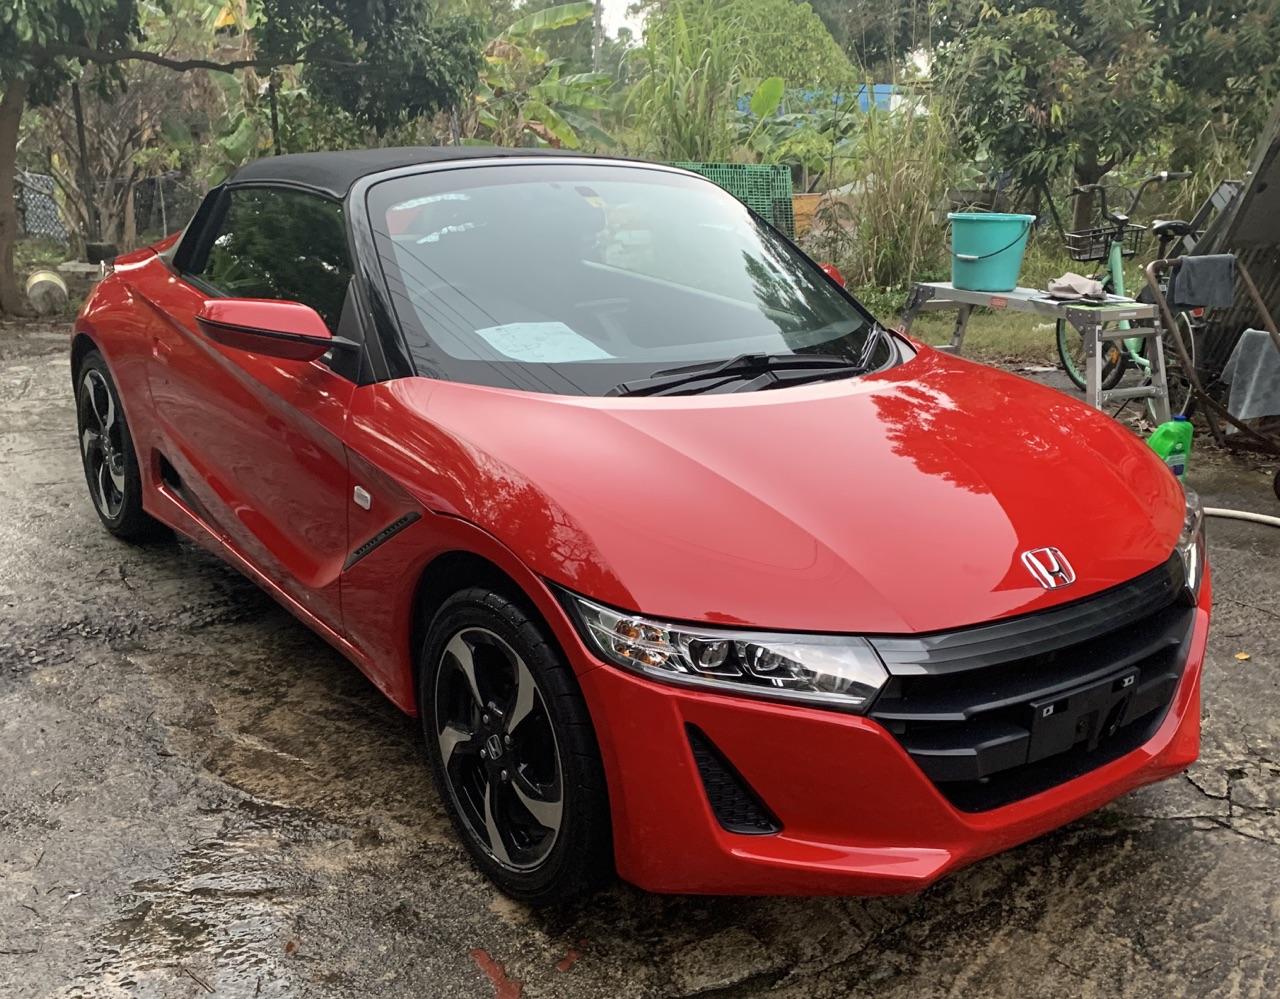 本田 Honda S660 - Price.com.hk 汽車買賣平台